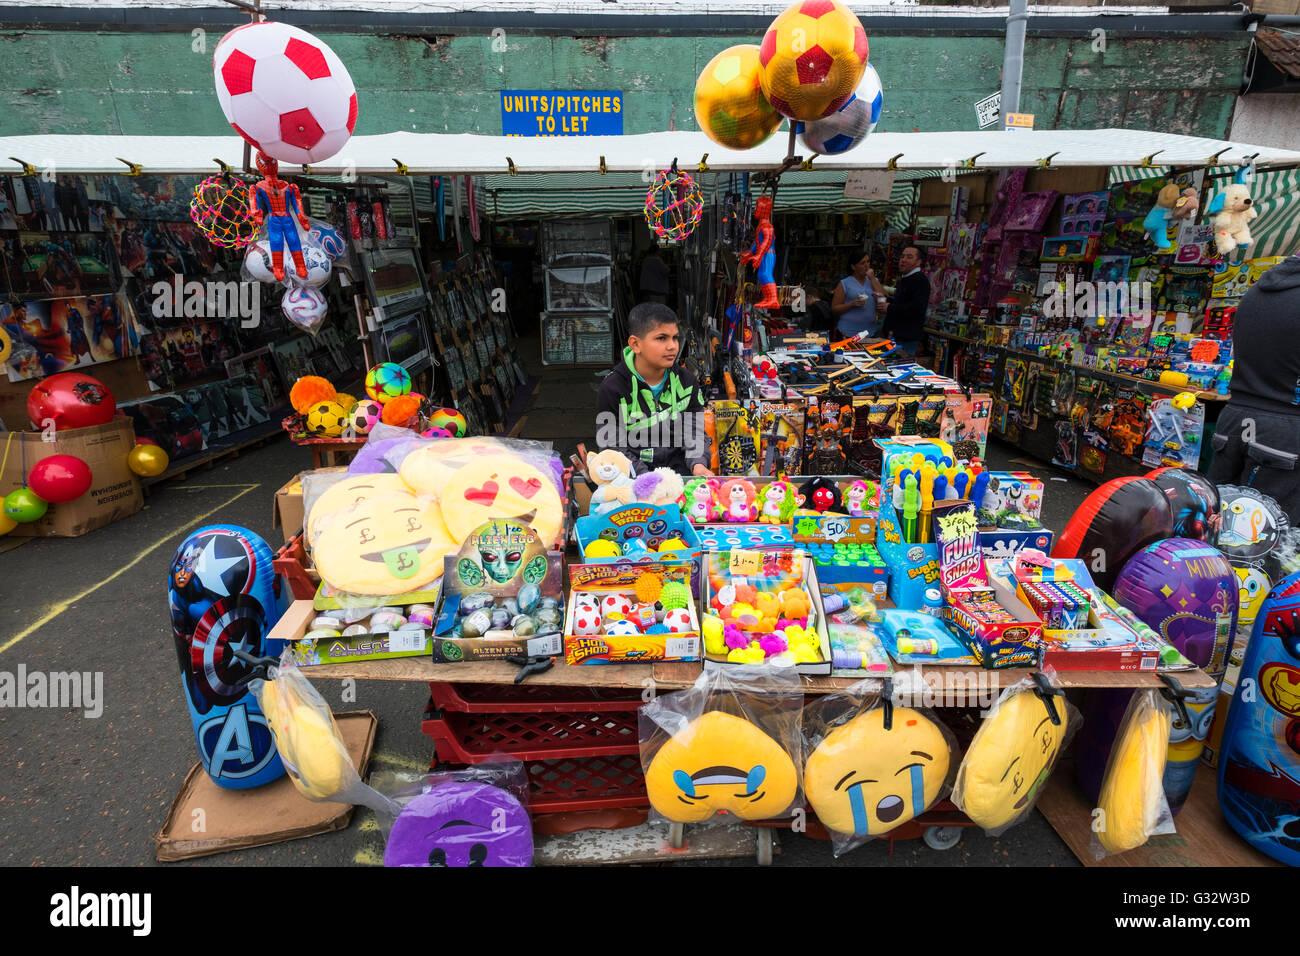 Stall verkaufen billig Spielzeug Barras Markt in Gallowgate Glasgow, Vereinigtes Königreich Stockbild